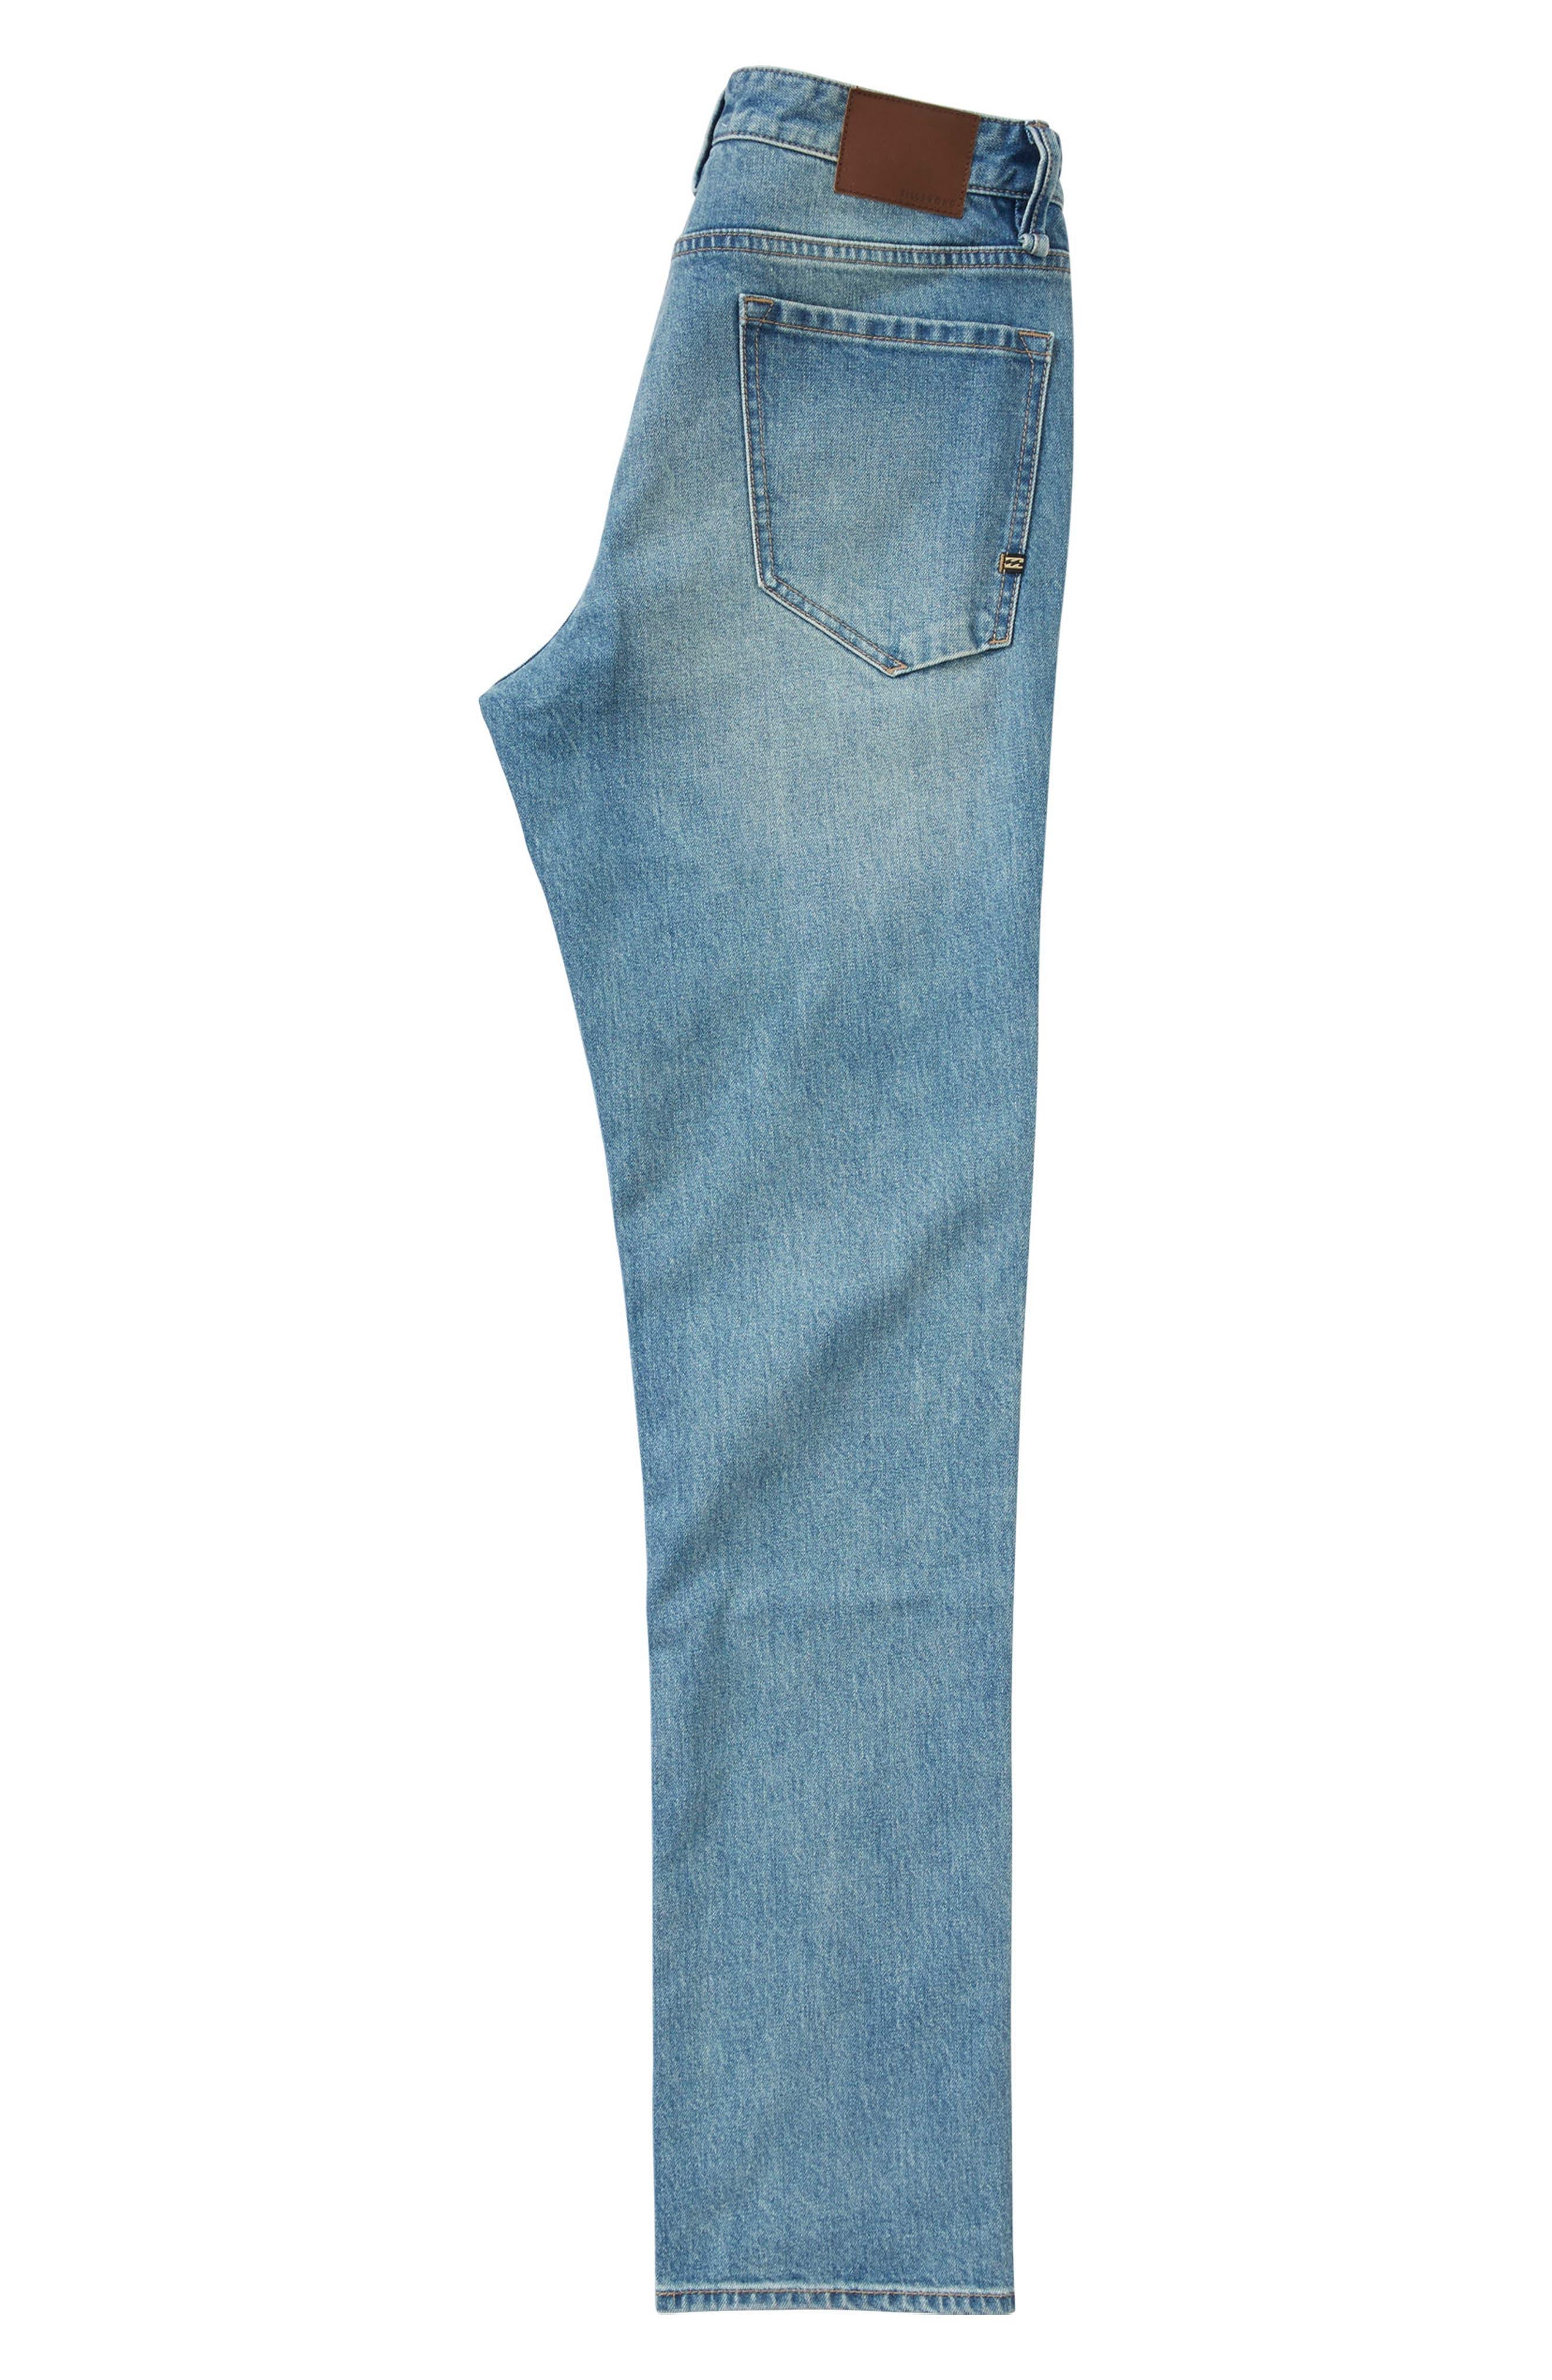 Alternate Image 2  - Billabong Outsider Jeans (Toddler Boys & Little Boys)